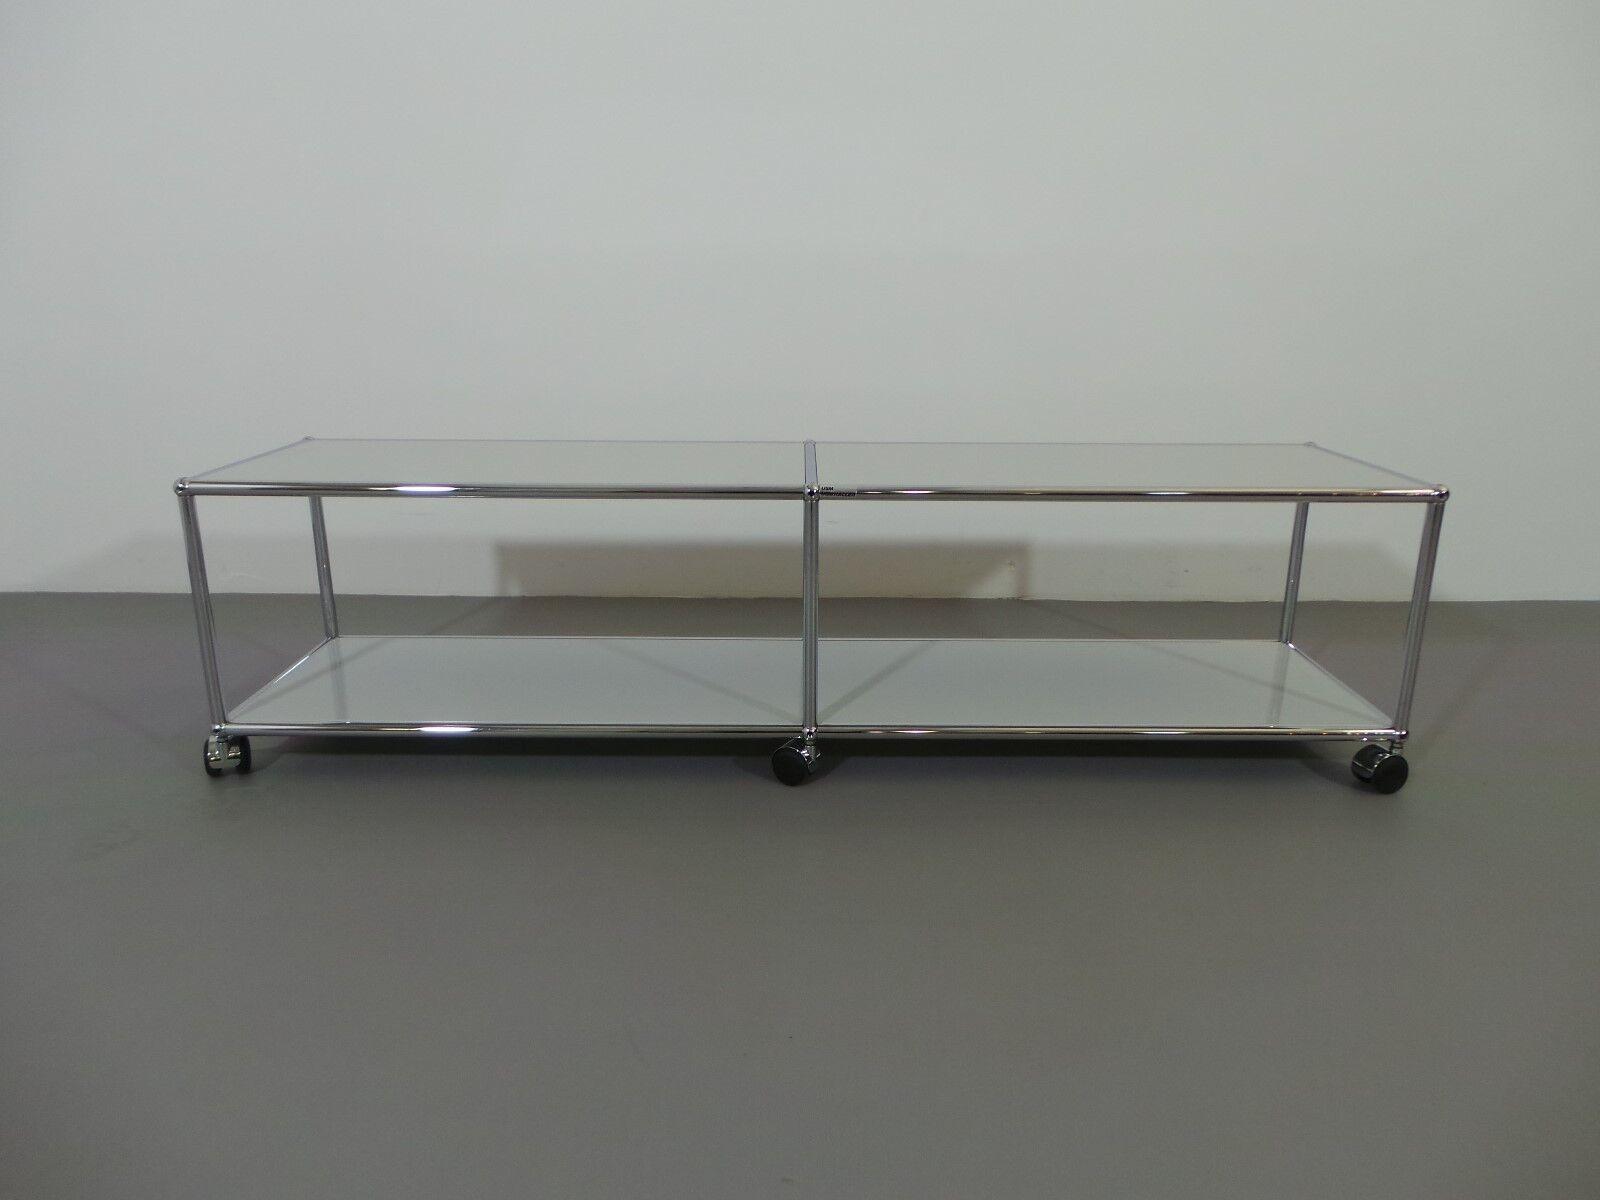 Usm Haller Lowboard TV Board Medienboard lichtgrau B 150 cm H 38,5 cm offen